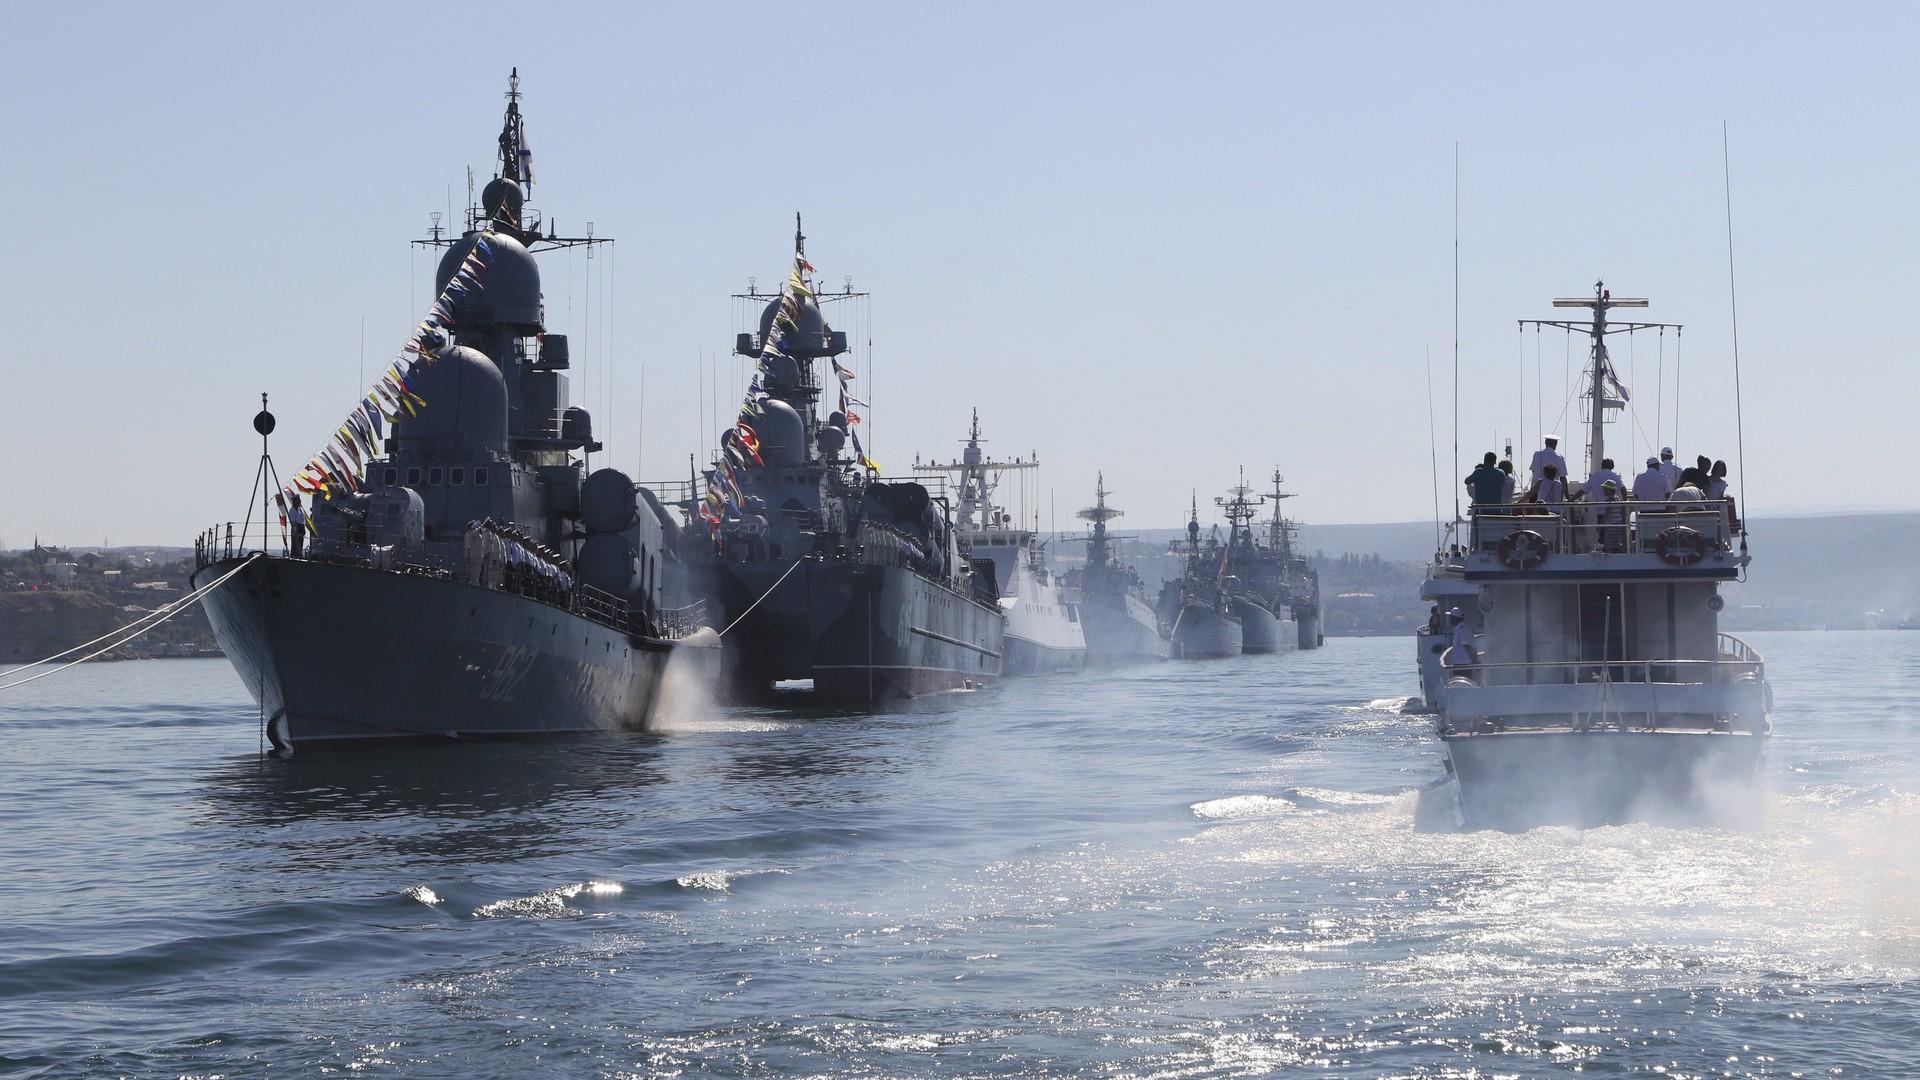 Des bateaux de combat lors de la répétition du défilé de la journée de la Marine à Sébastopol